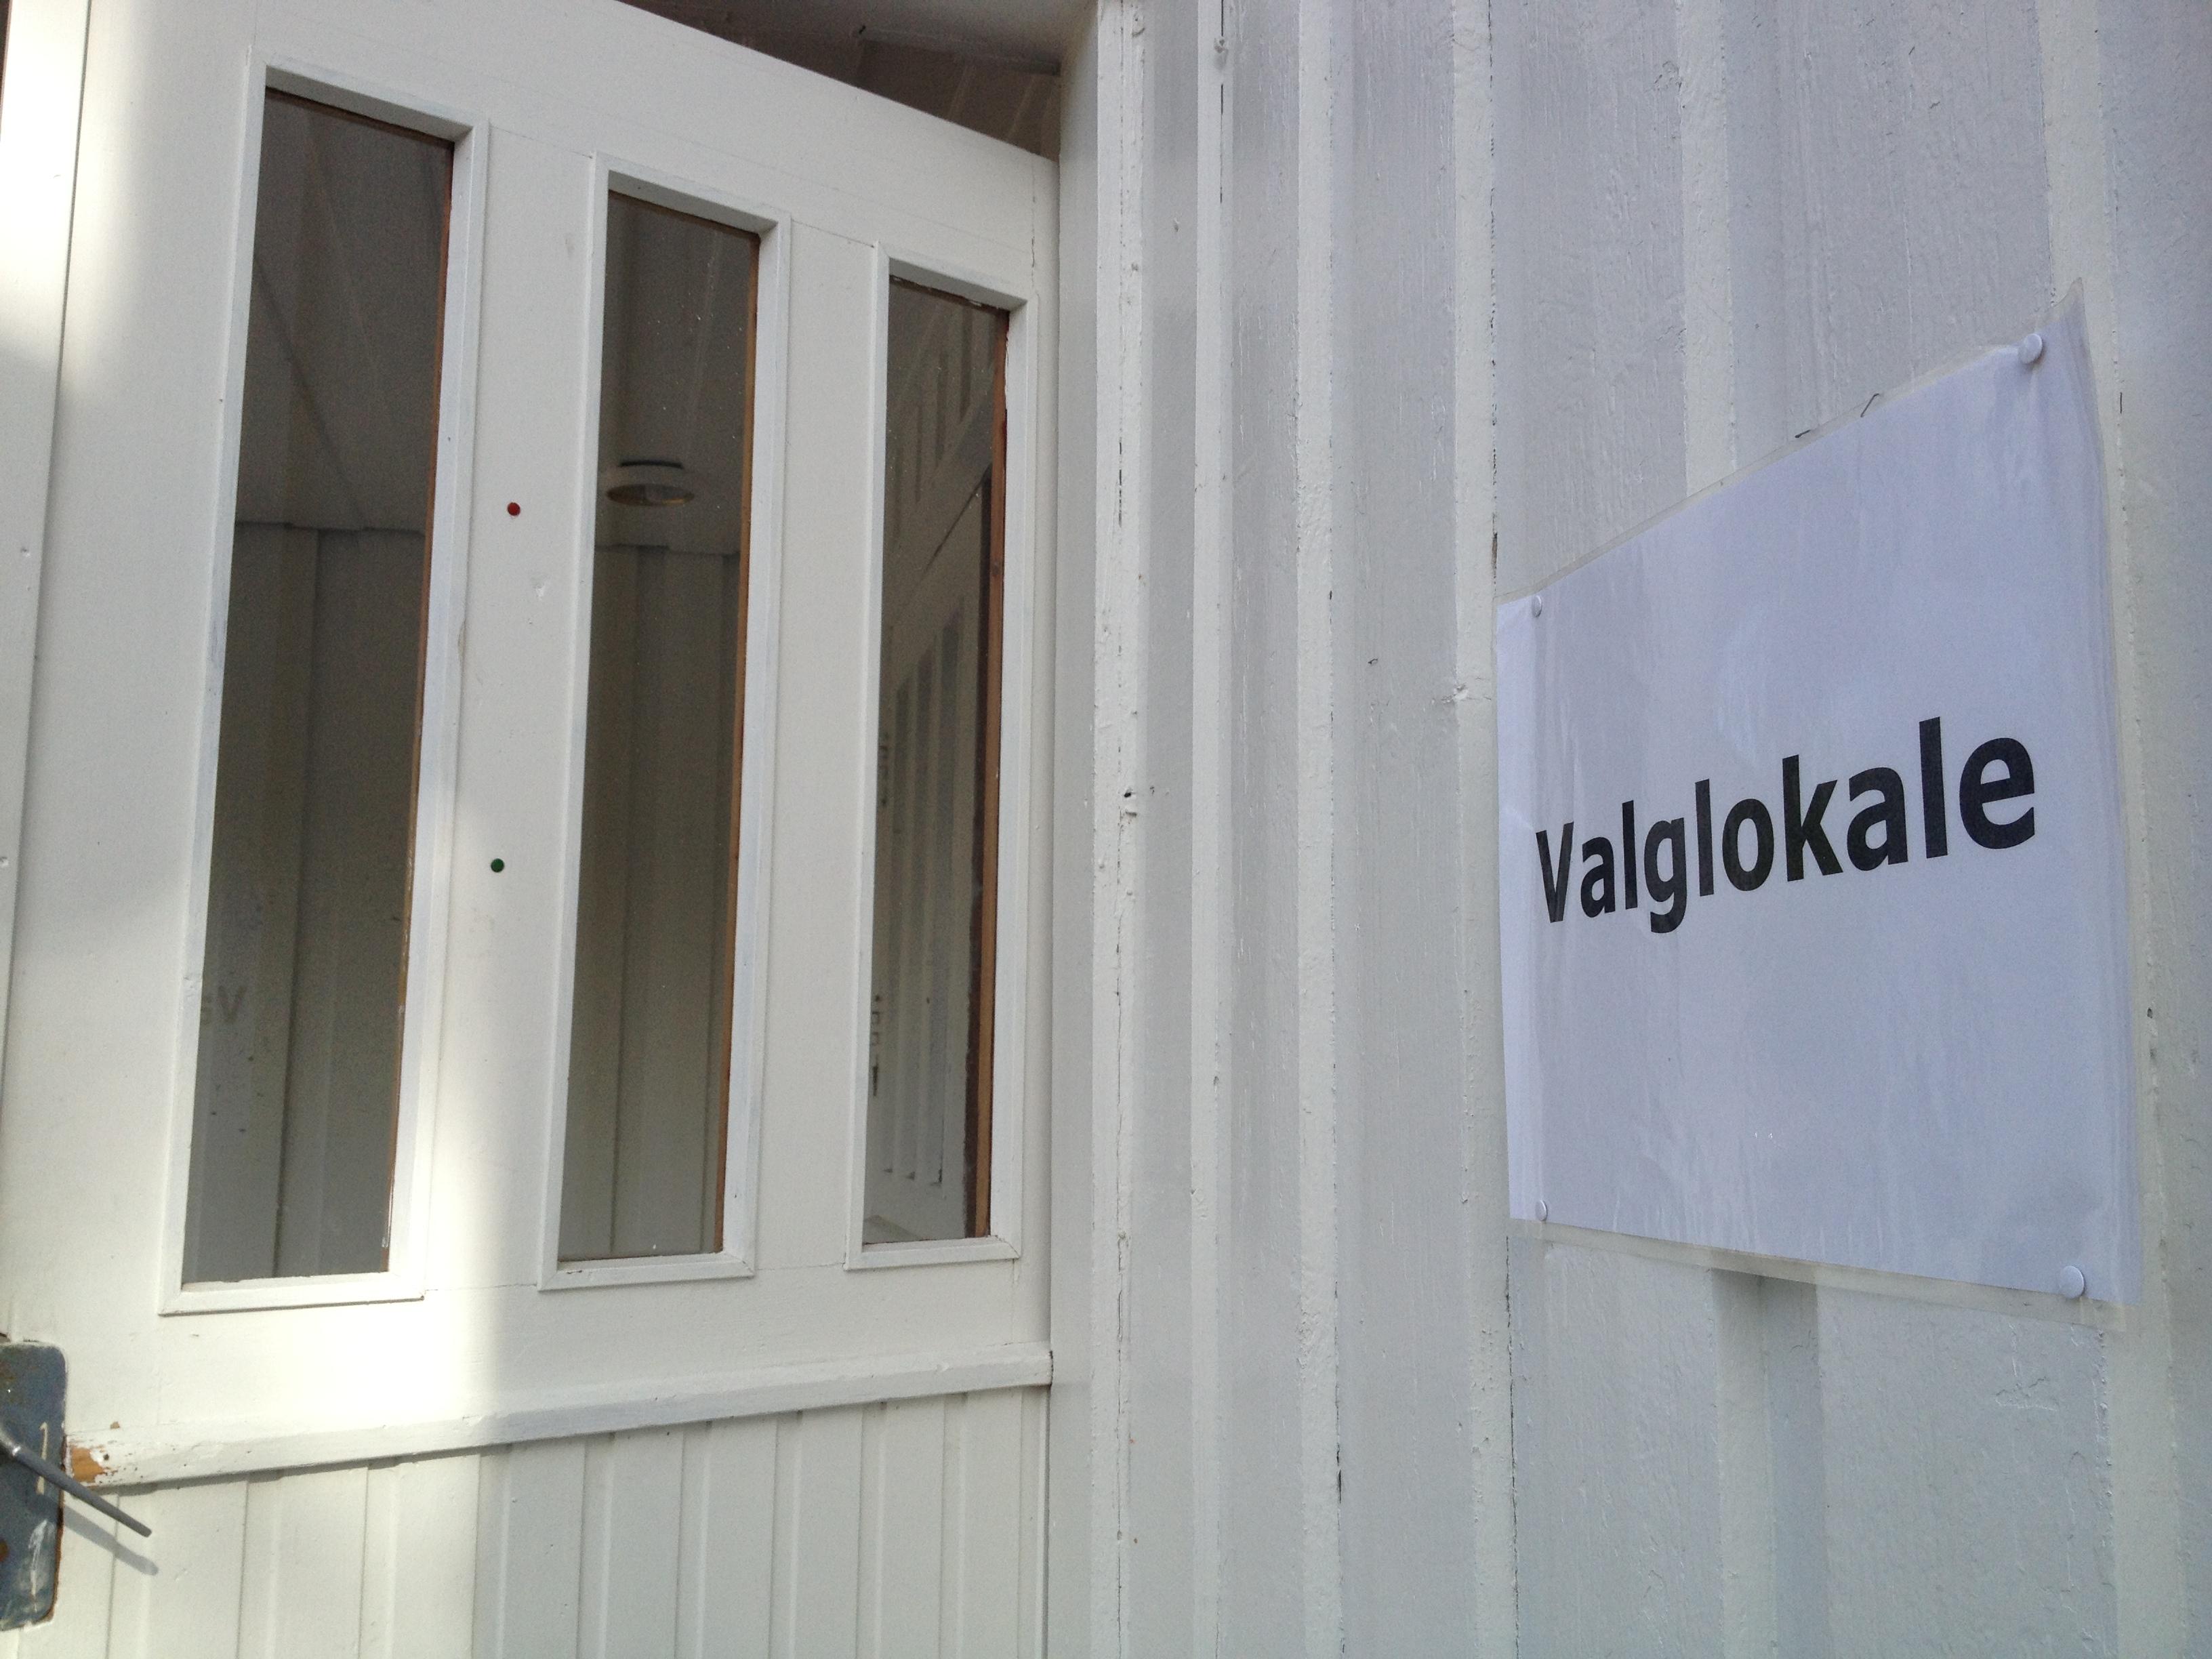 Åpningstider for valglokalet